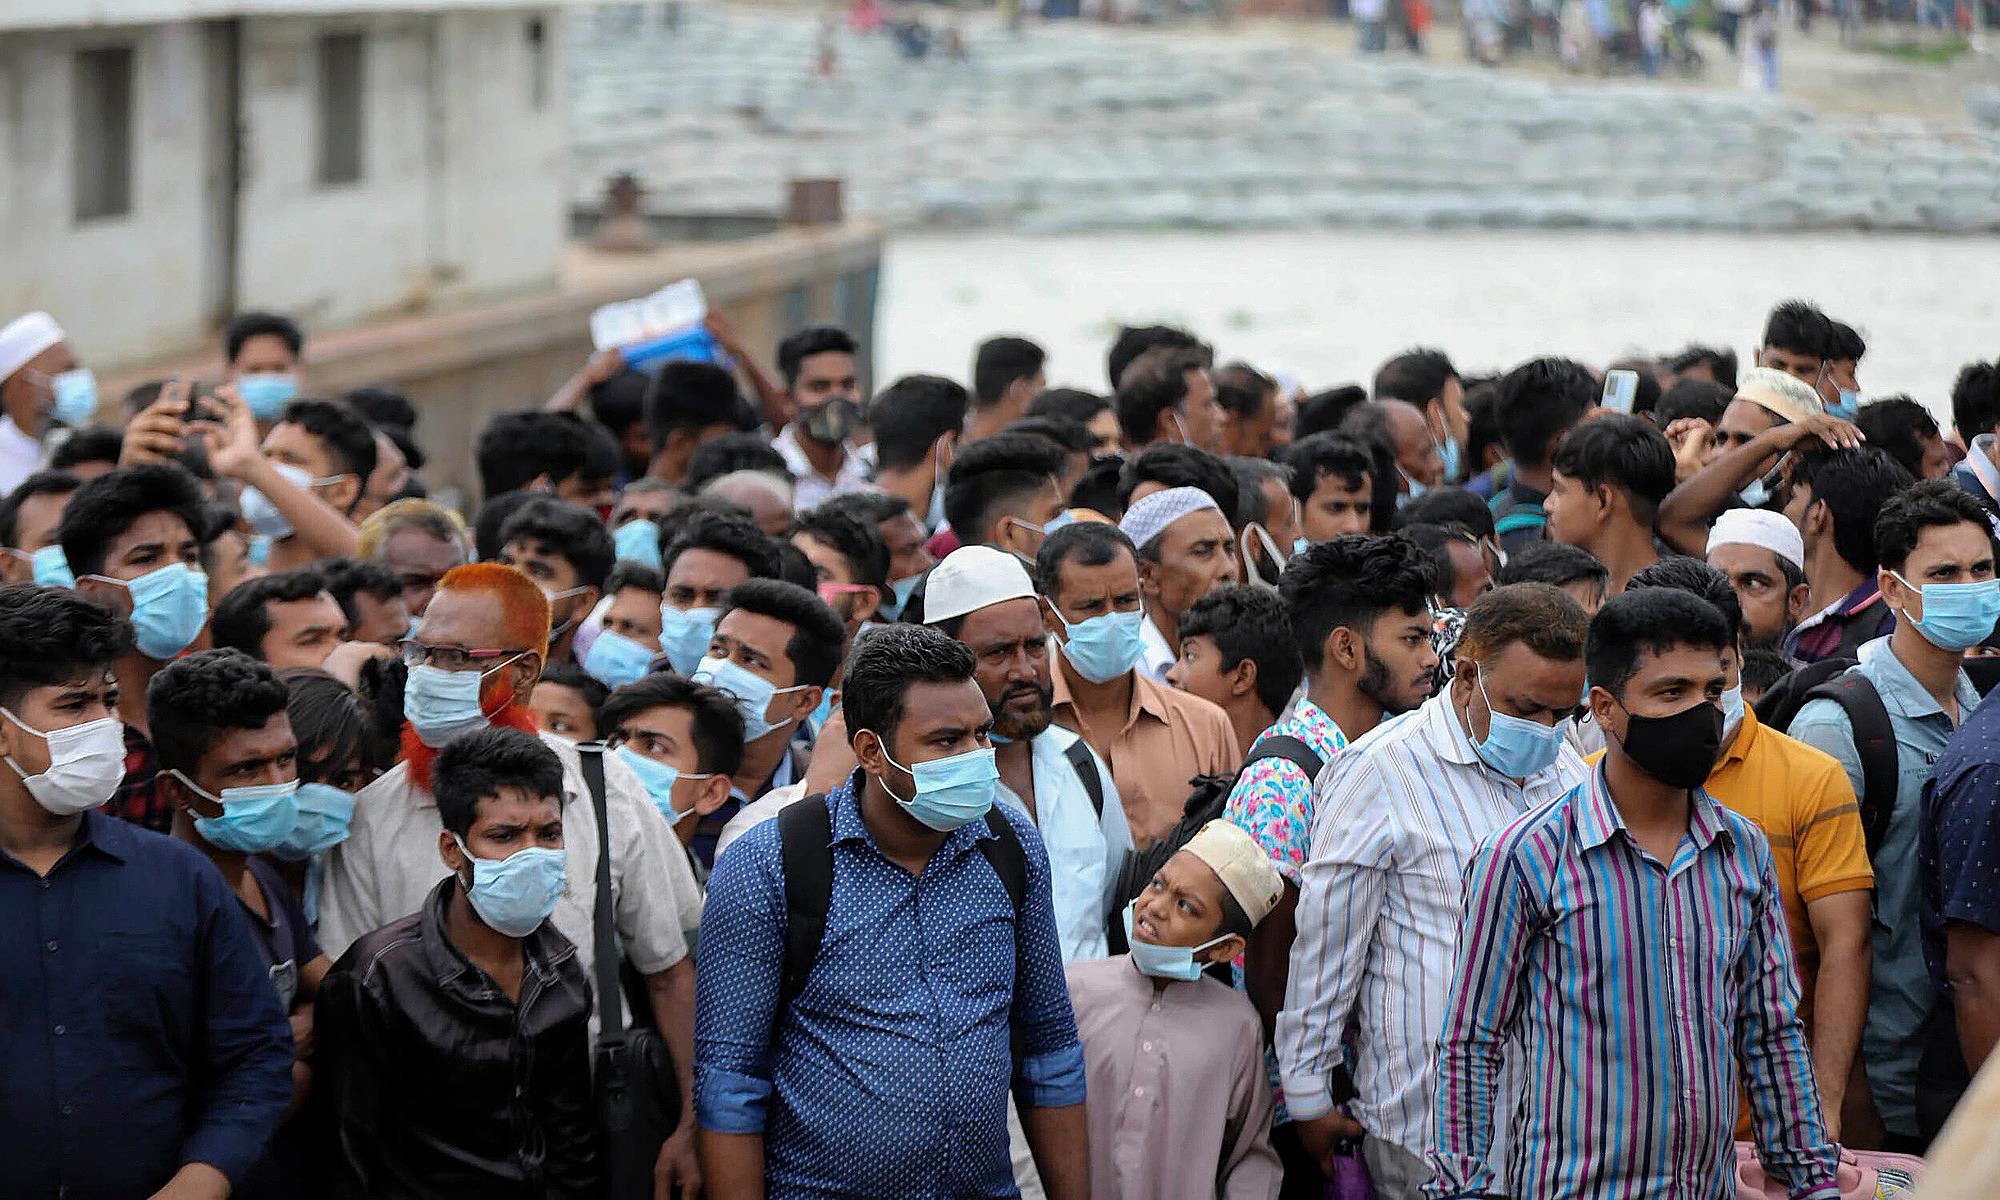 Người dân chen chúc tại bến phà ngoại ô Dhaka, thủ đô Bangladesh vào ngày 30/6 trước lệnh phong tỏa. Ảnh: AP.